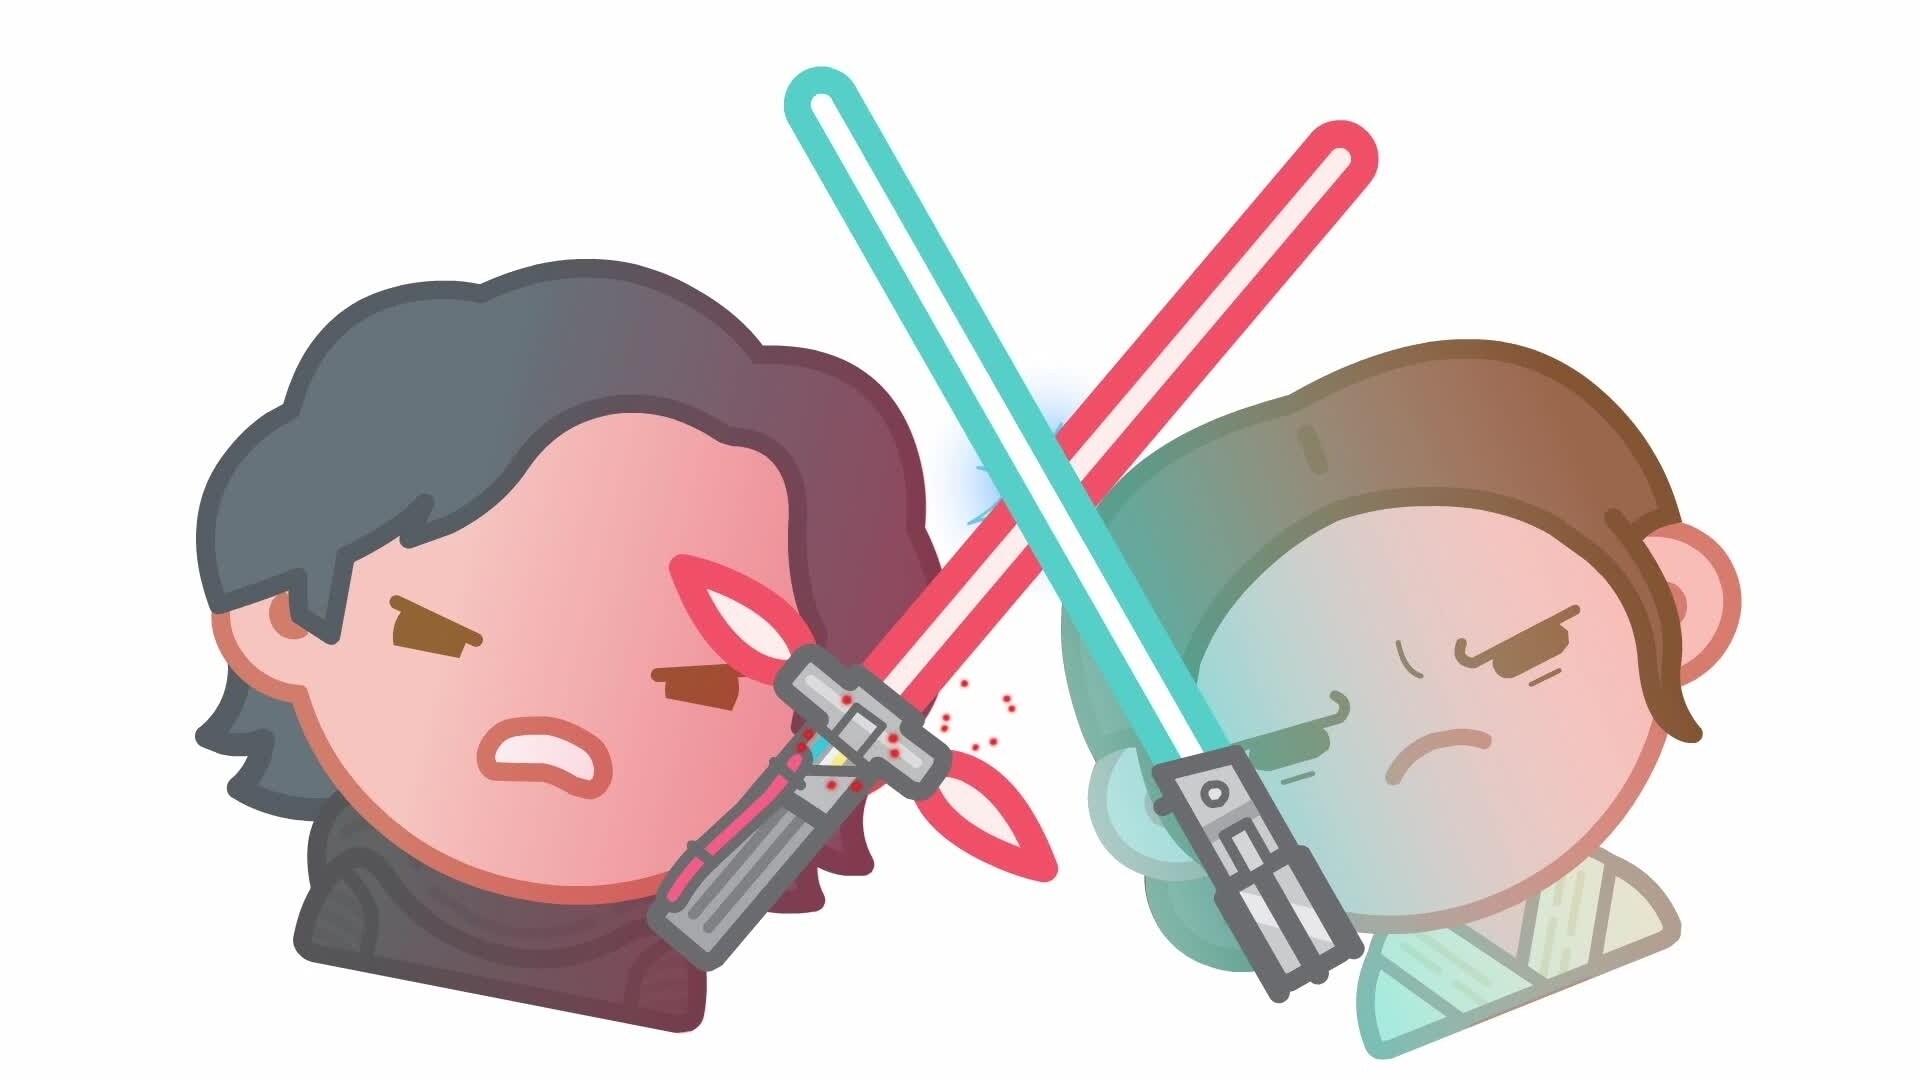 Star Wars: Az ébredő Erő - emojikkal elmesélve